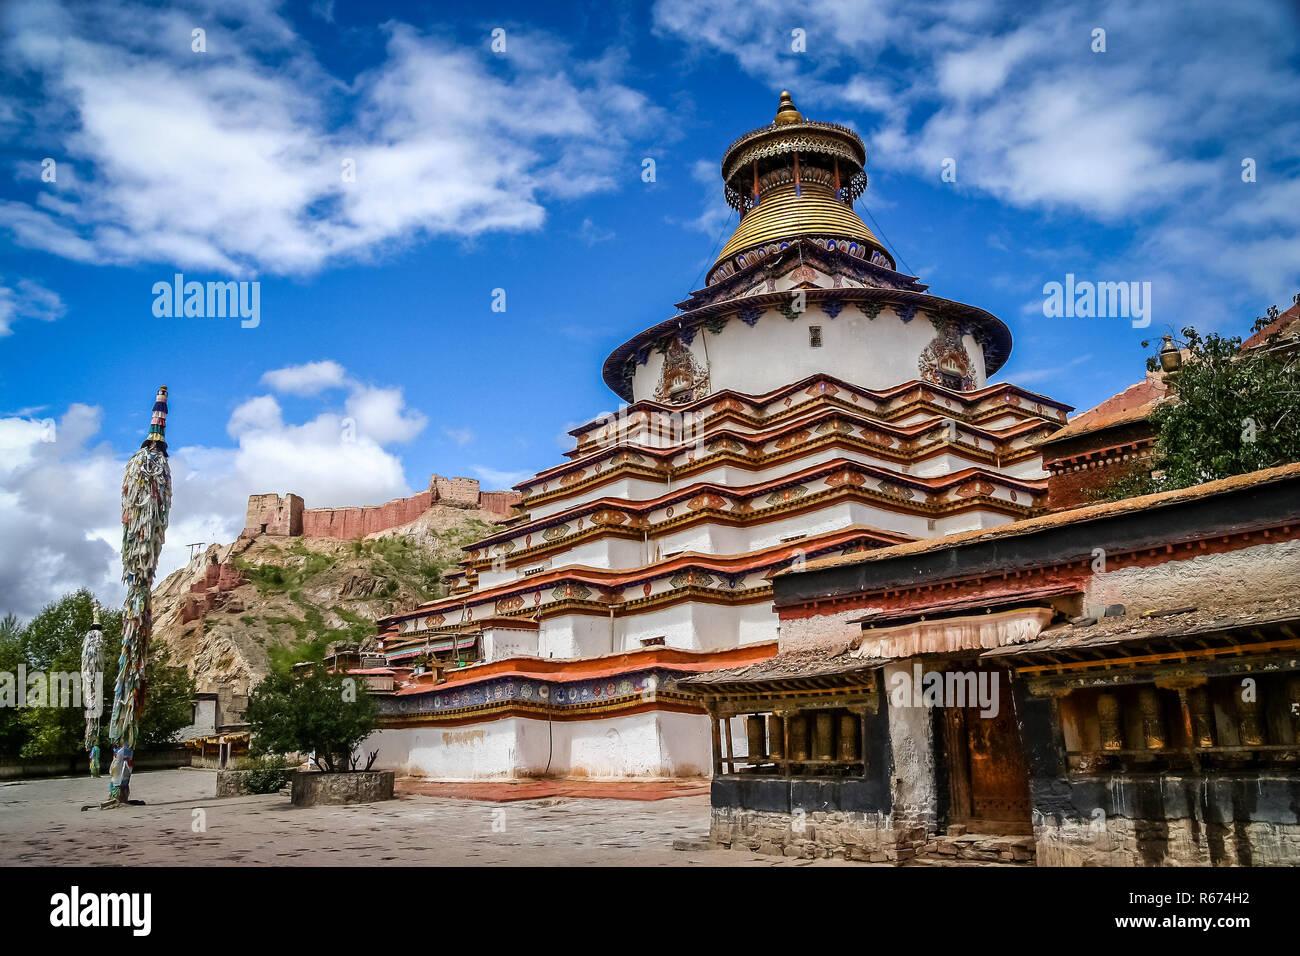 Buddhist Kumbum chorten in Gyantse - Stock Image